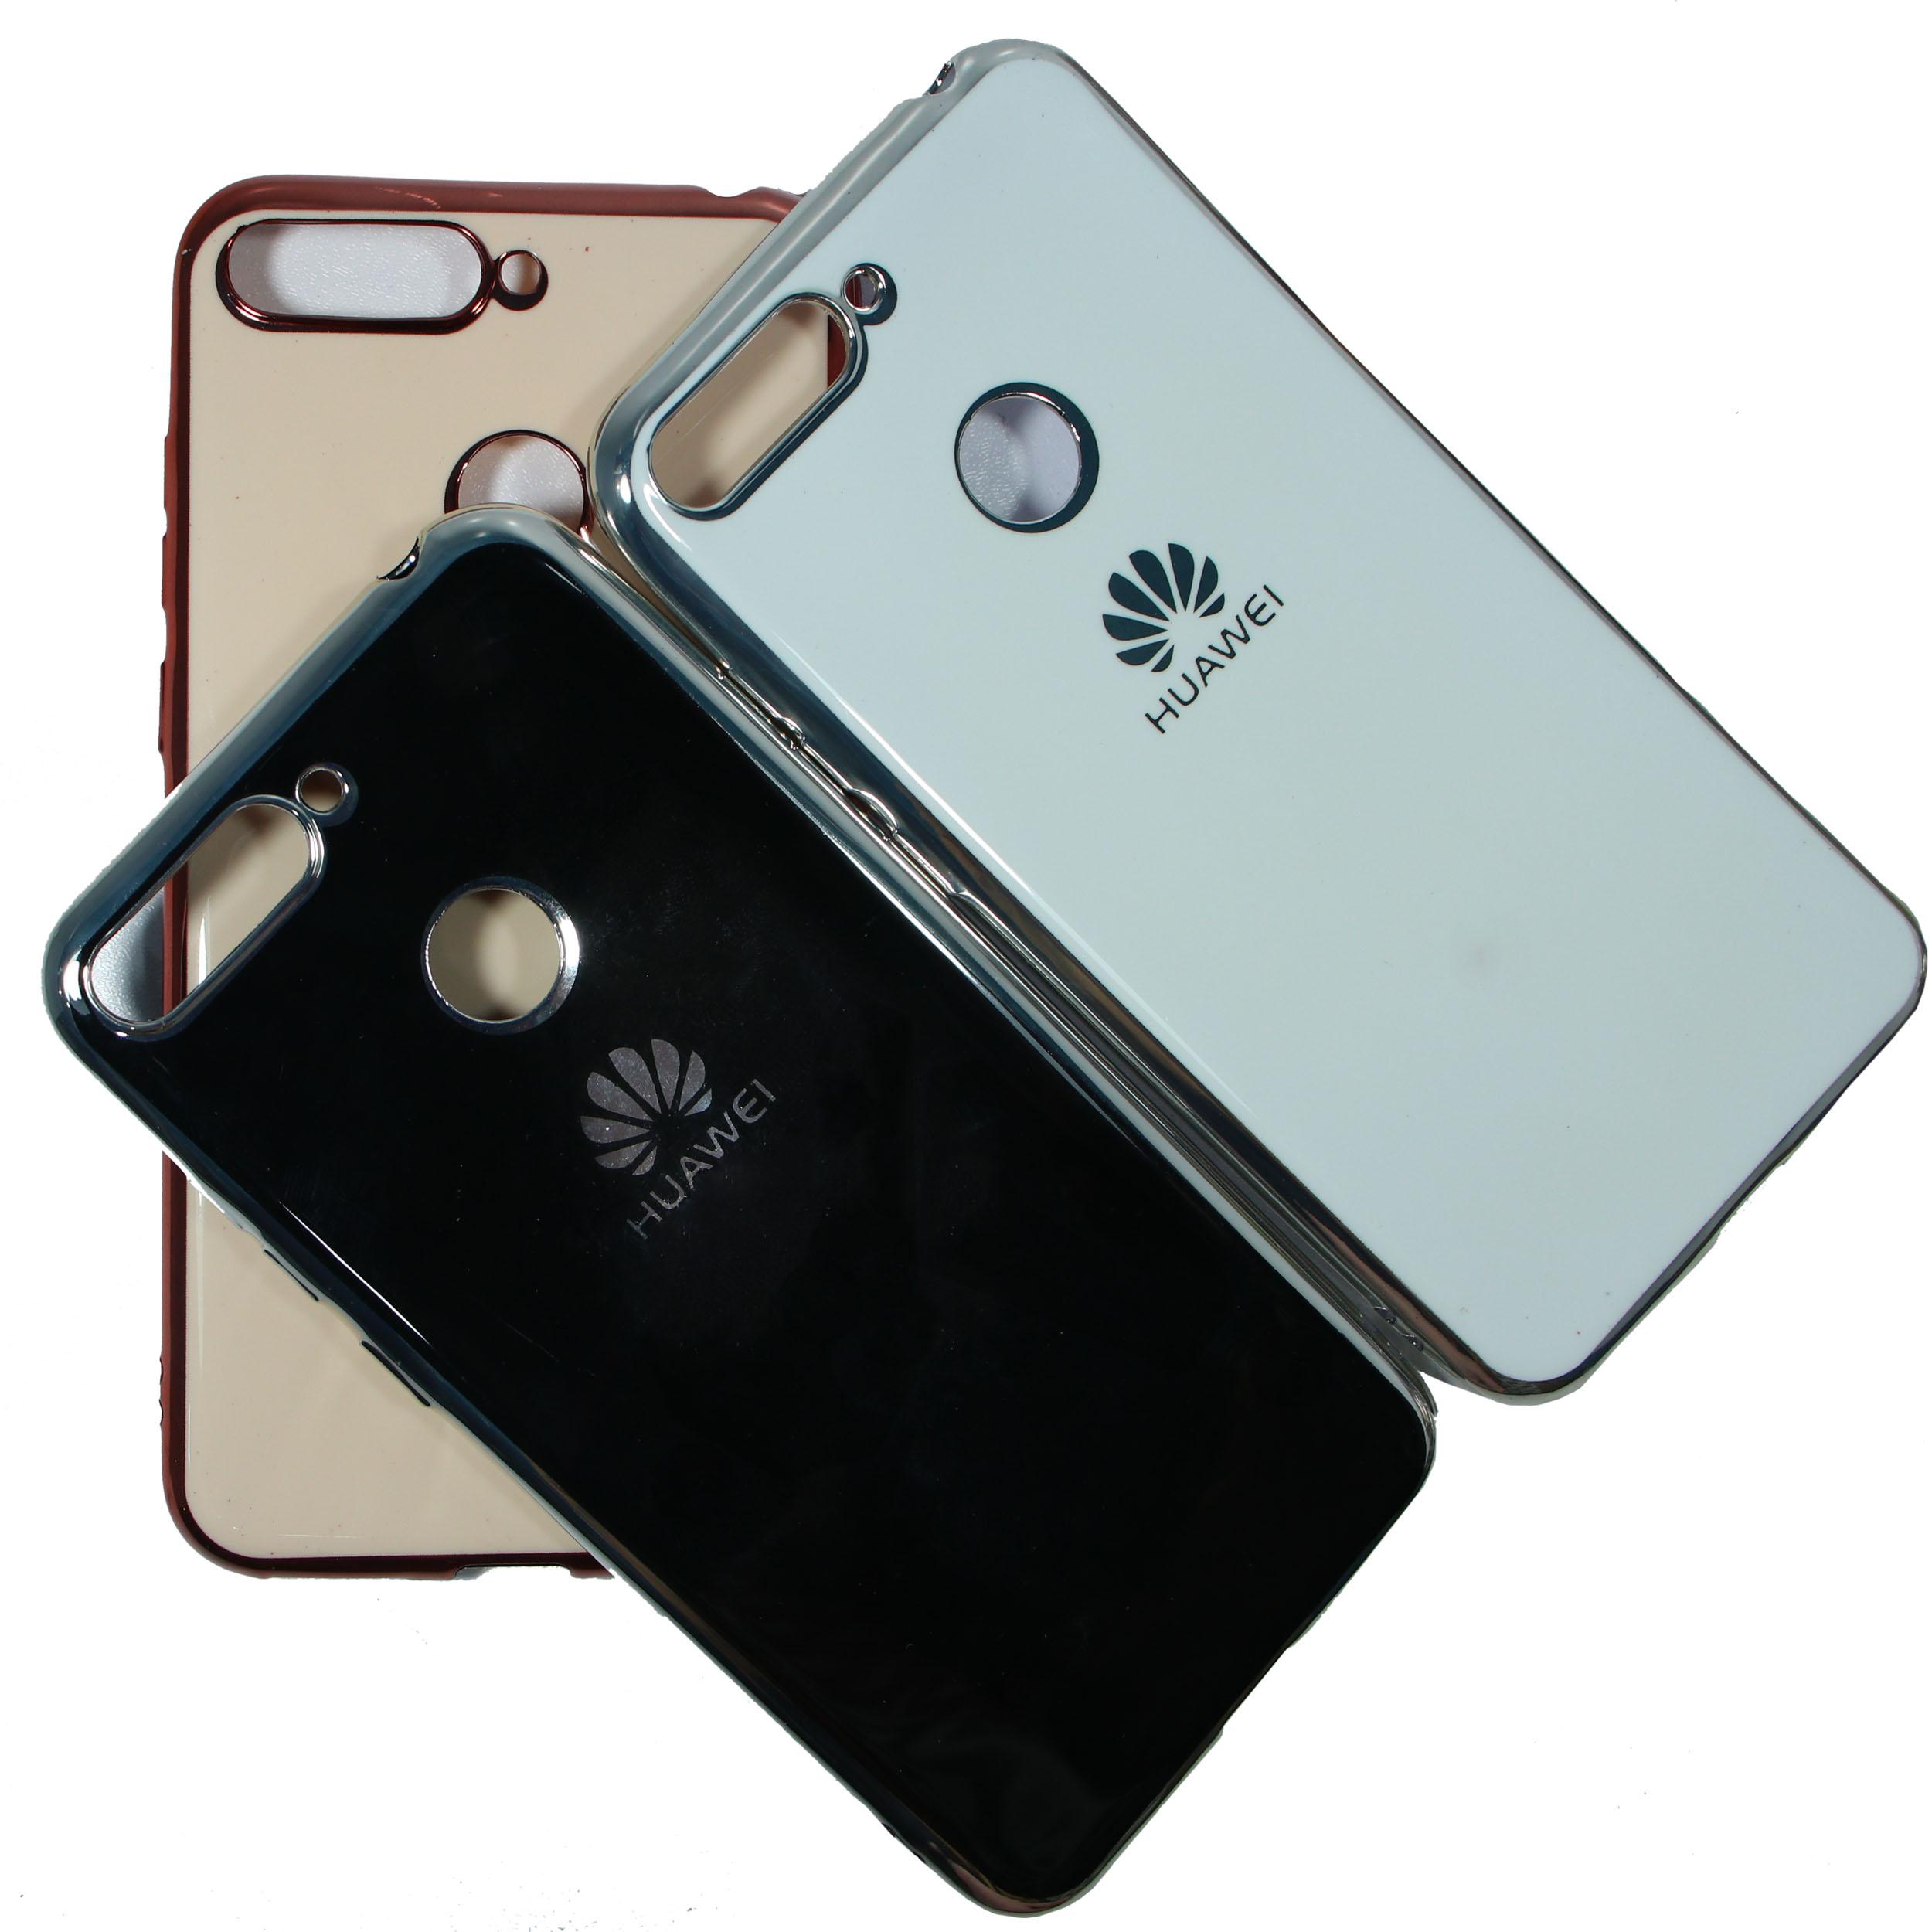 کاور مدل a10 مناسب برای گوشی موبایل هوآوی y6 prime 2018              ( قیمت و خرید)